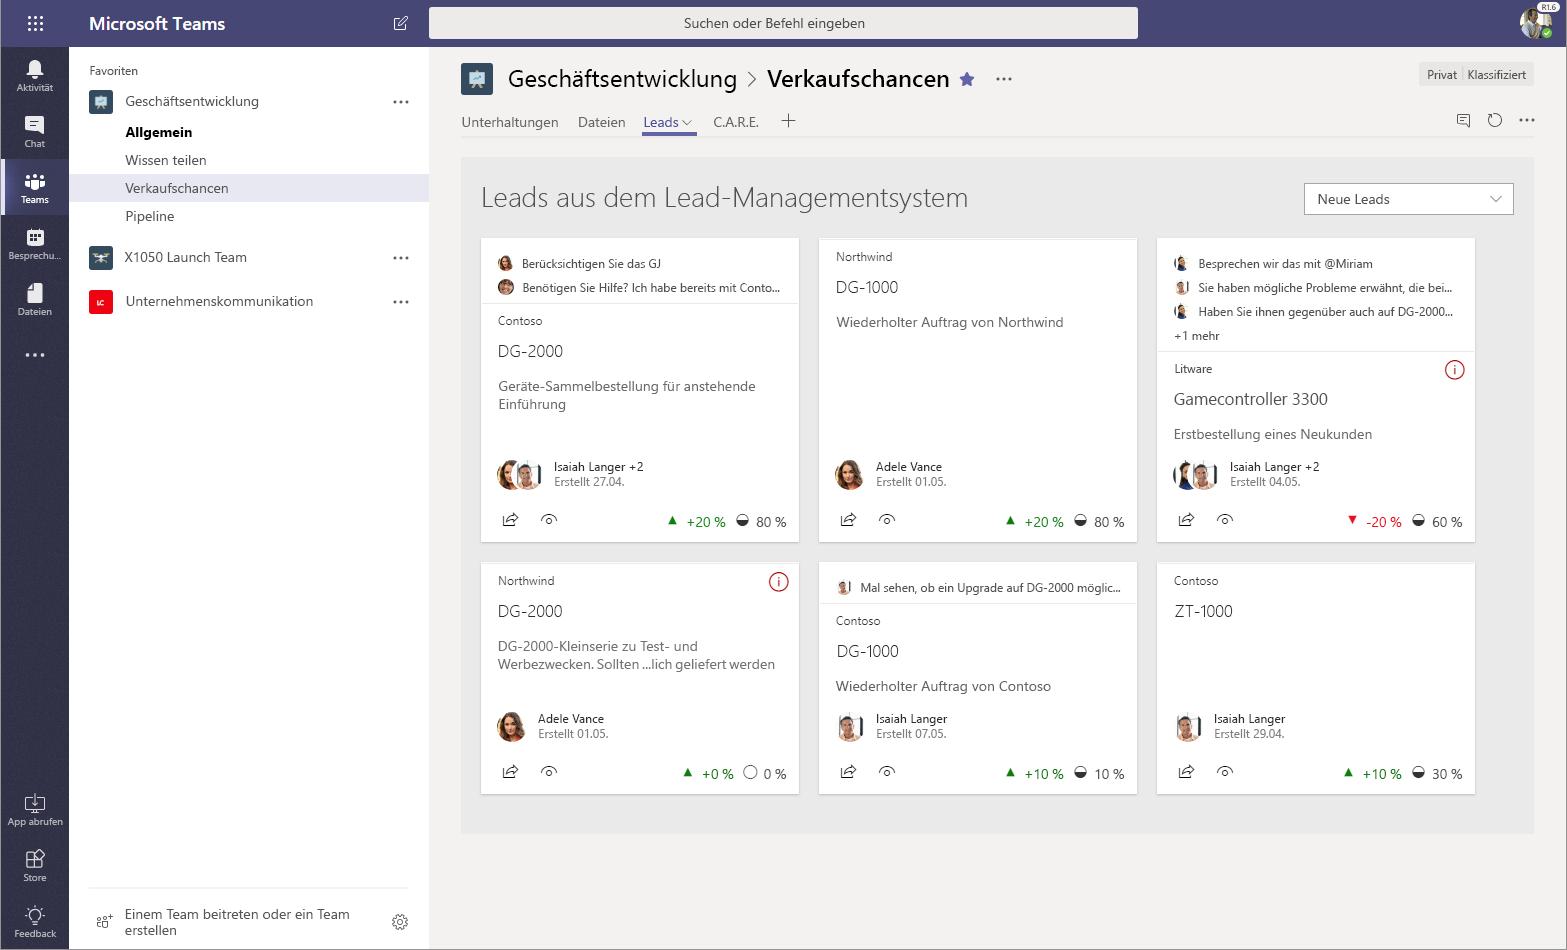 Abbildung eines SharePoint-Framework-Webparts für ein benutzerdefiniertes Leadmanagementsystem in Microsoft Teams